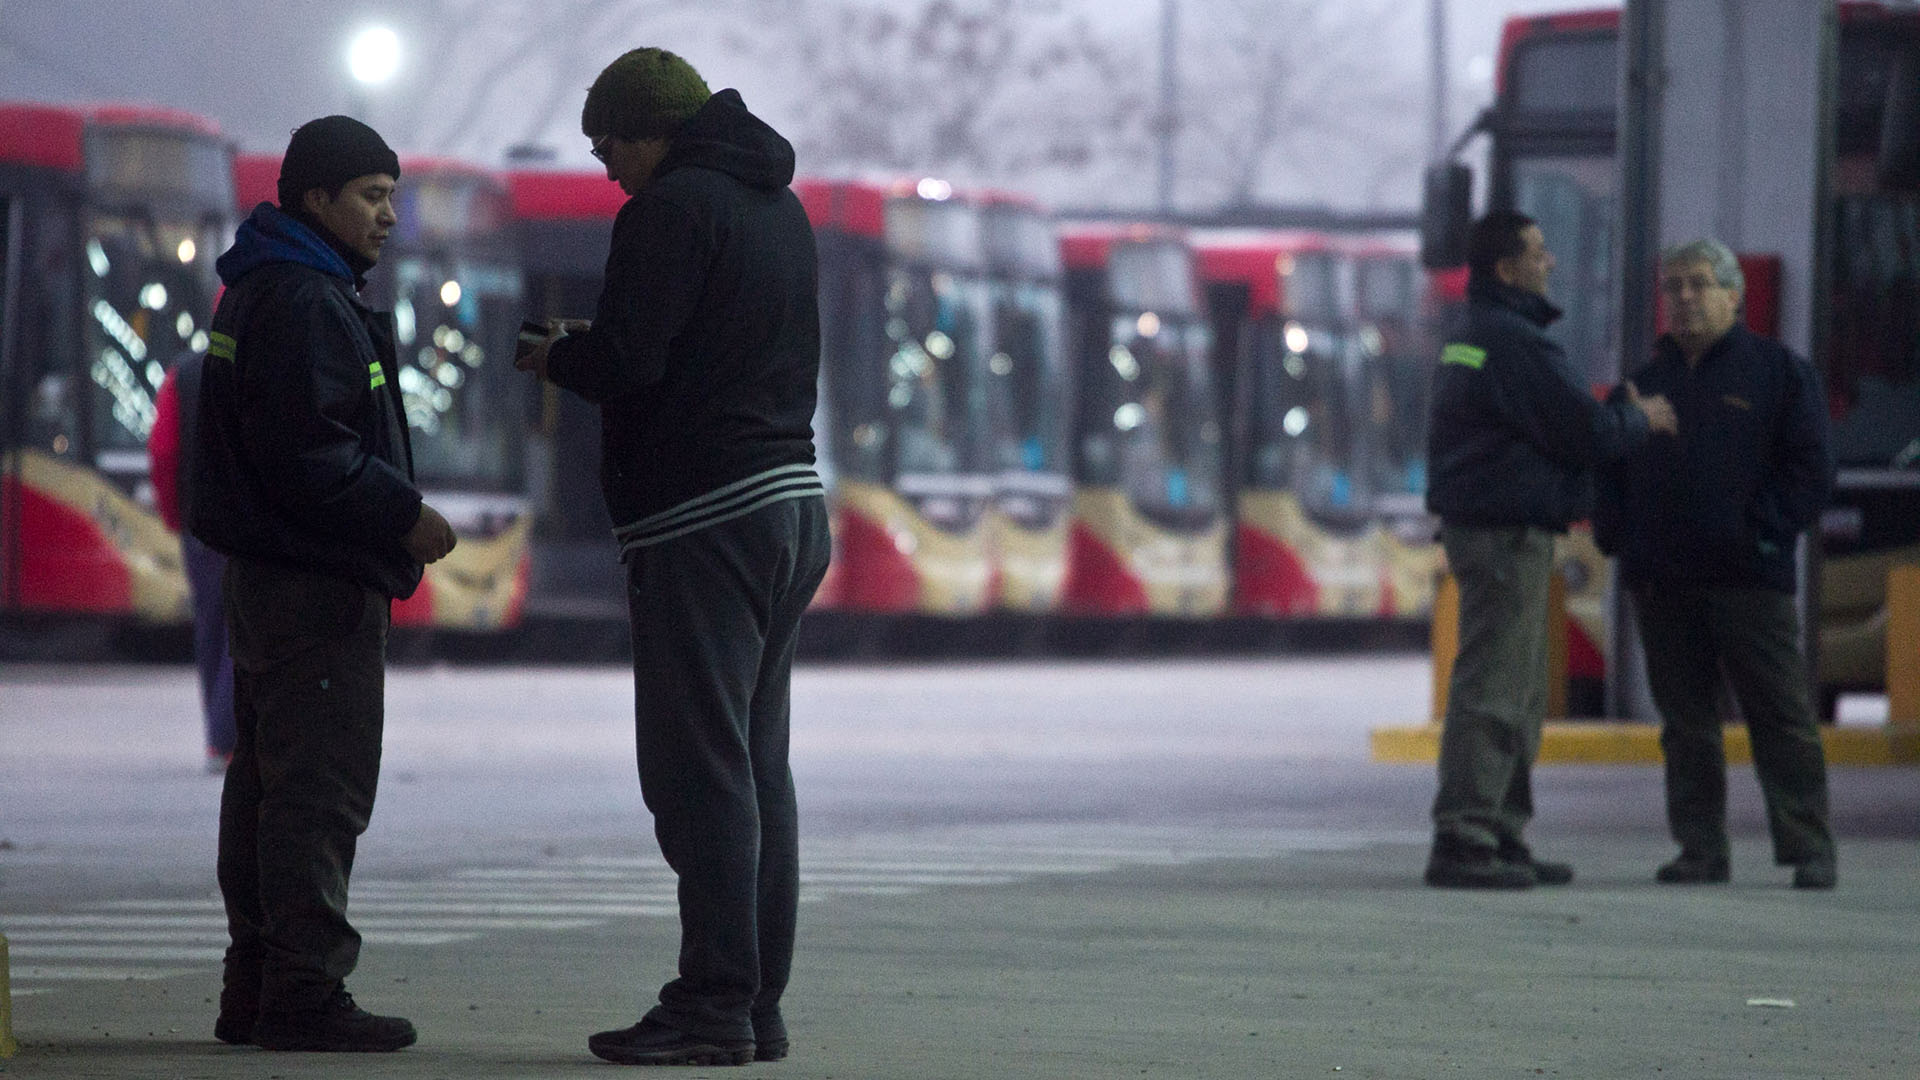 La línea 60 sigue de paro, reclaman más seguridad y reincorporación de despedidos – Fotos: Télam – NA